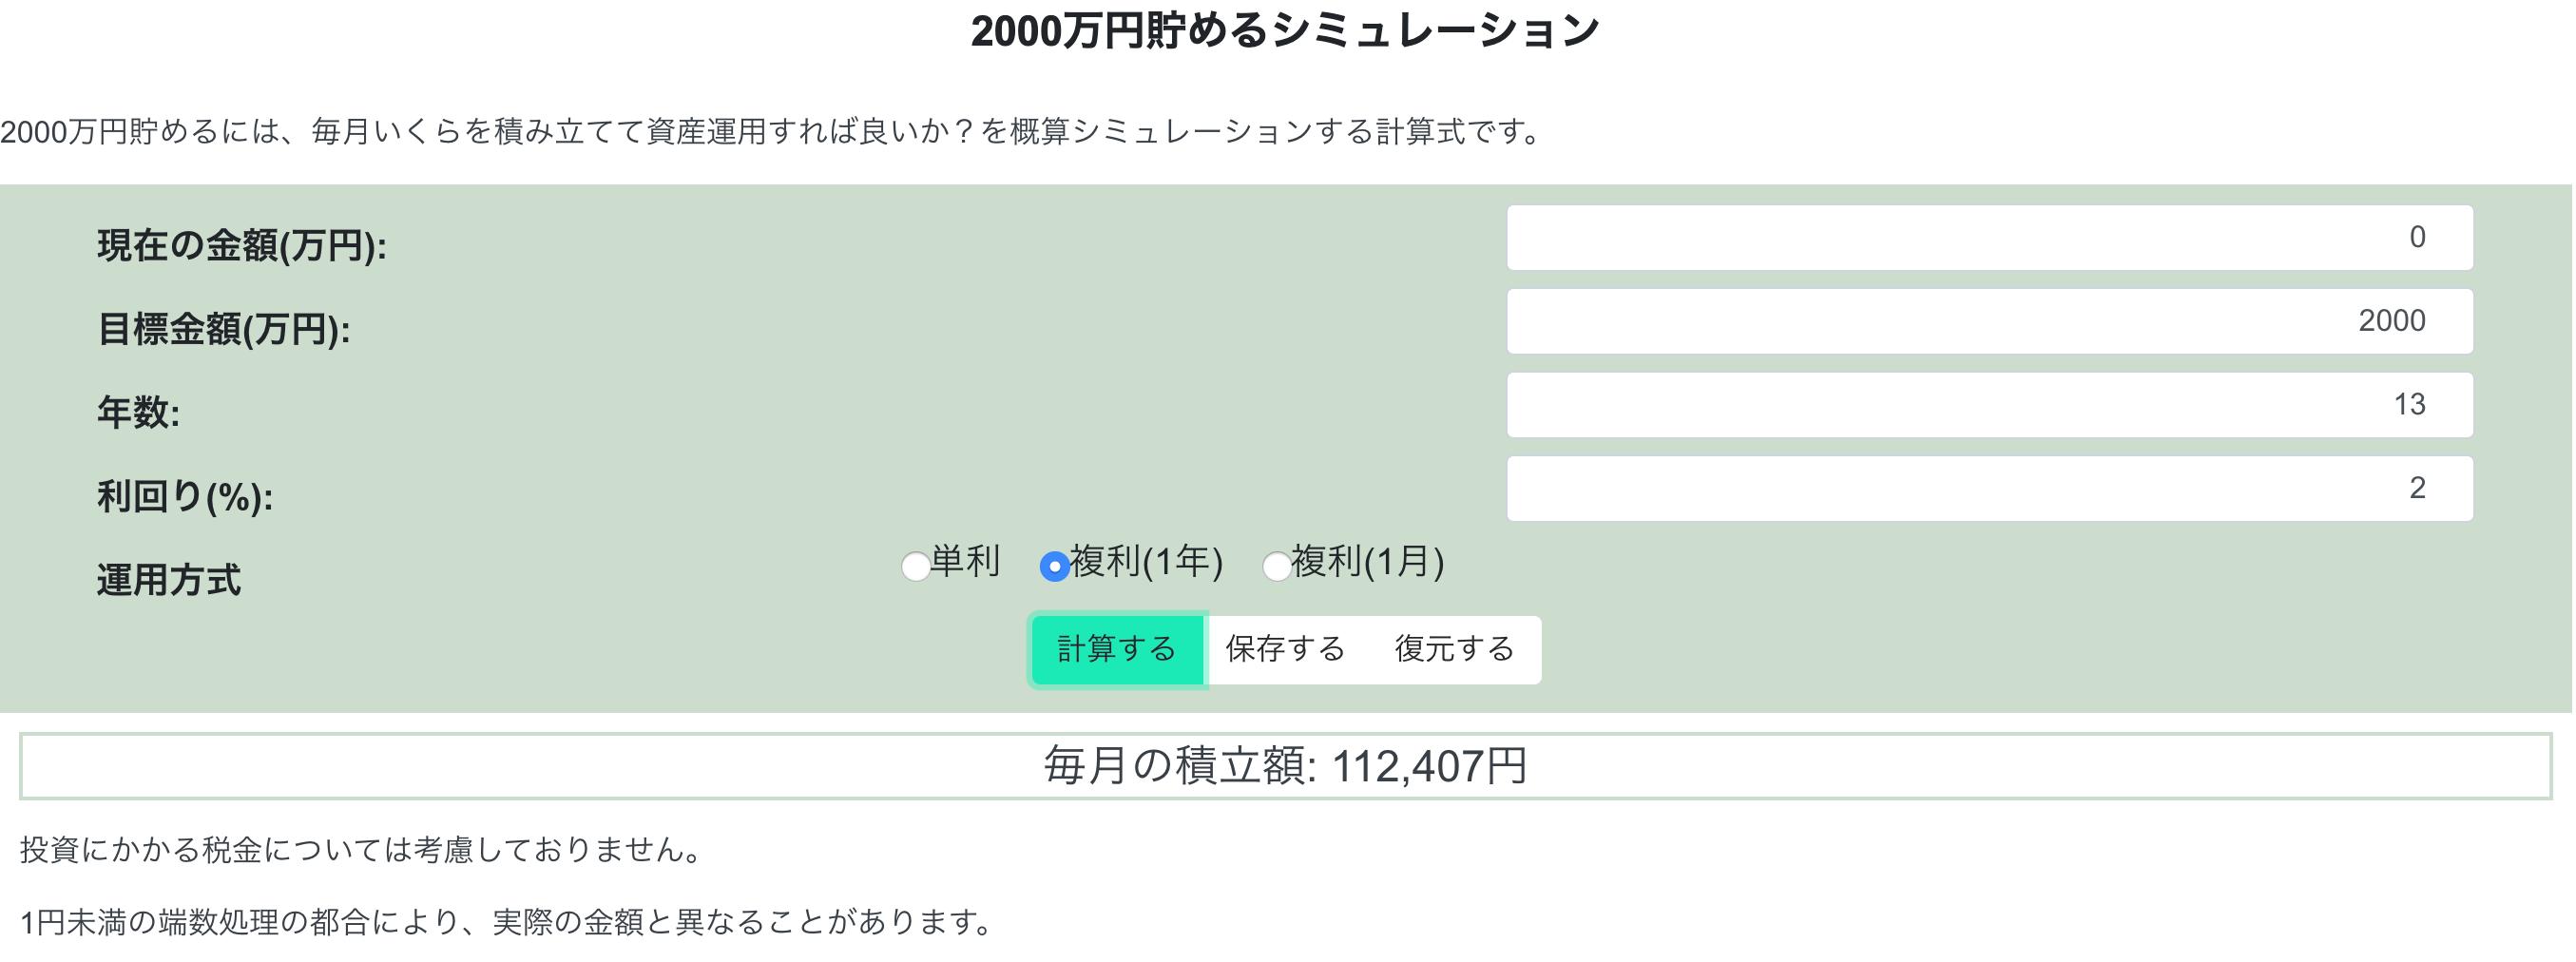 年収別で考える資産運用・株式投資(おすすめの対処法)_年収700万円1